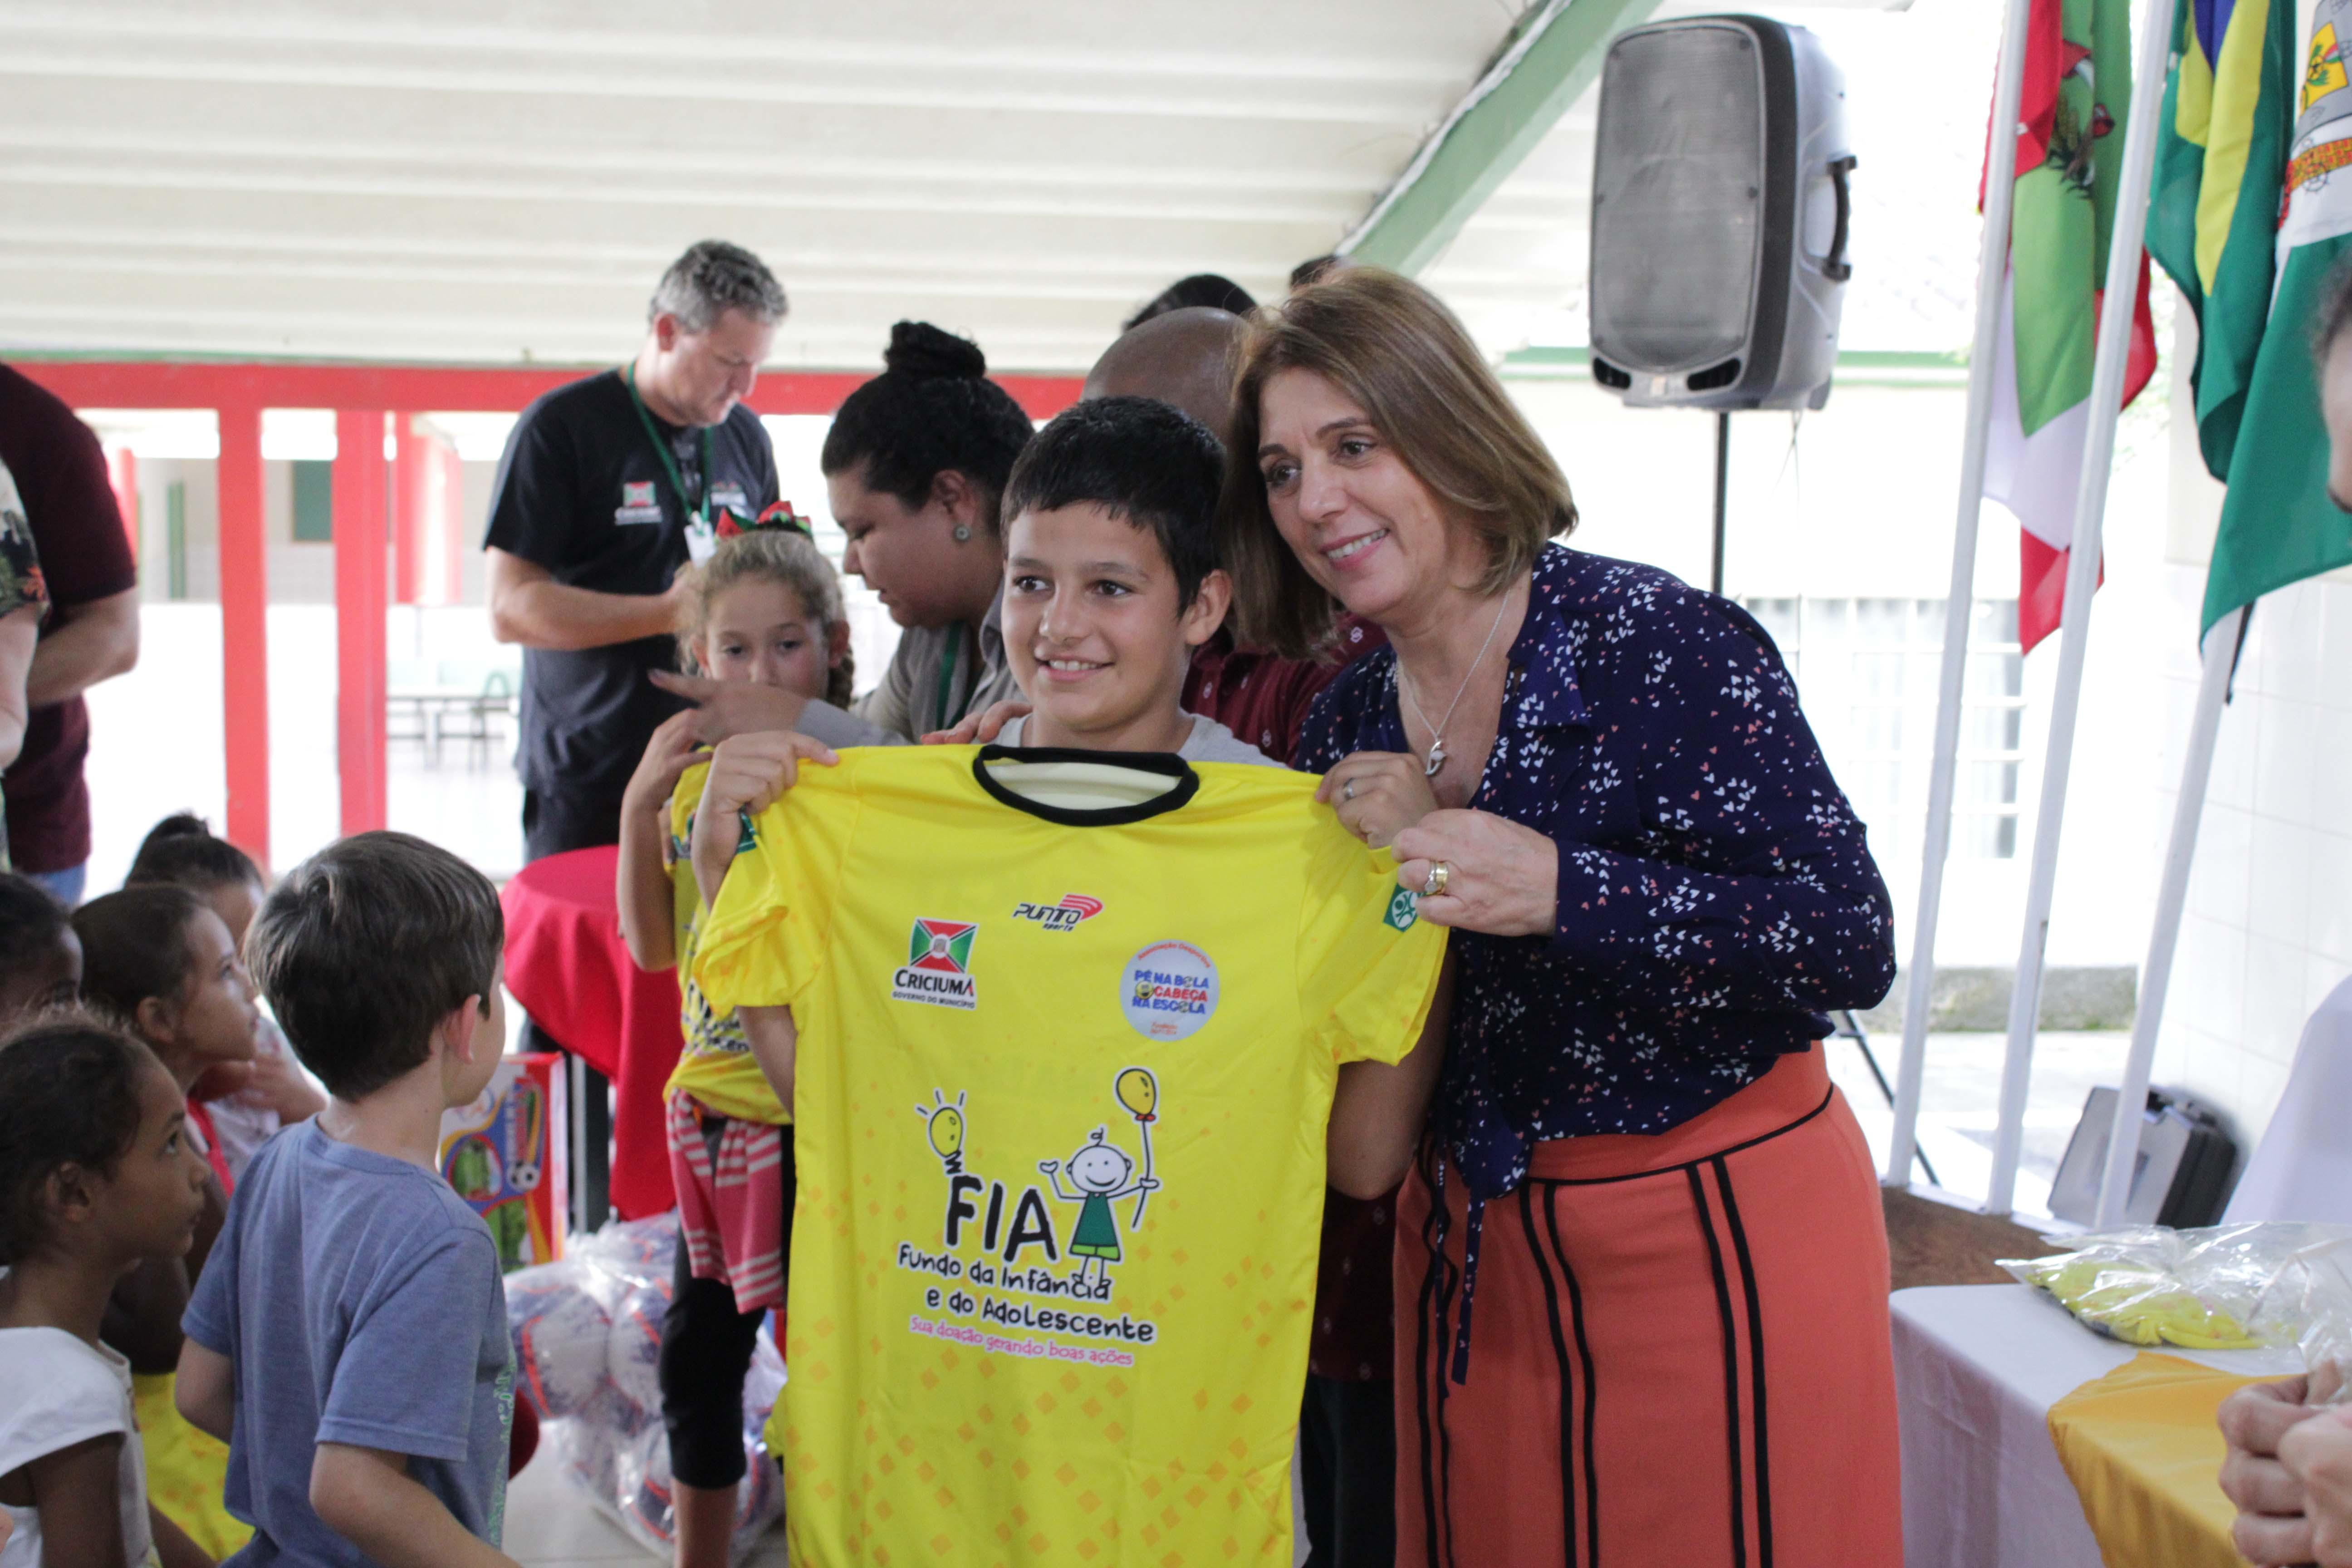 Educação: projeto 'Pé na Bola, Cabeça na Escola' inicia entrega de uniformes